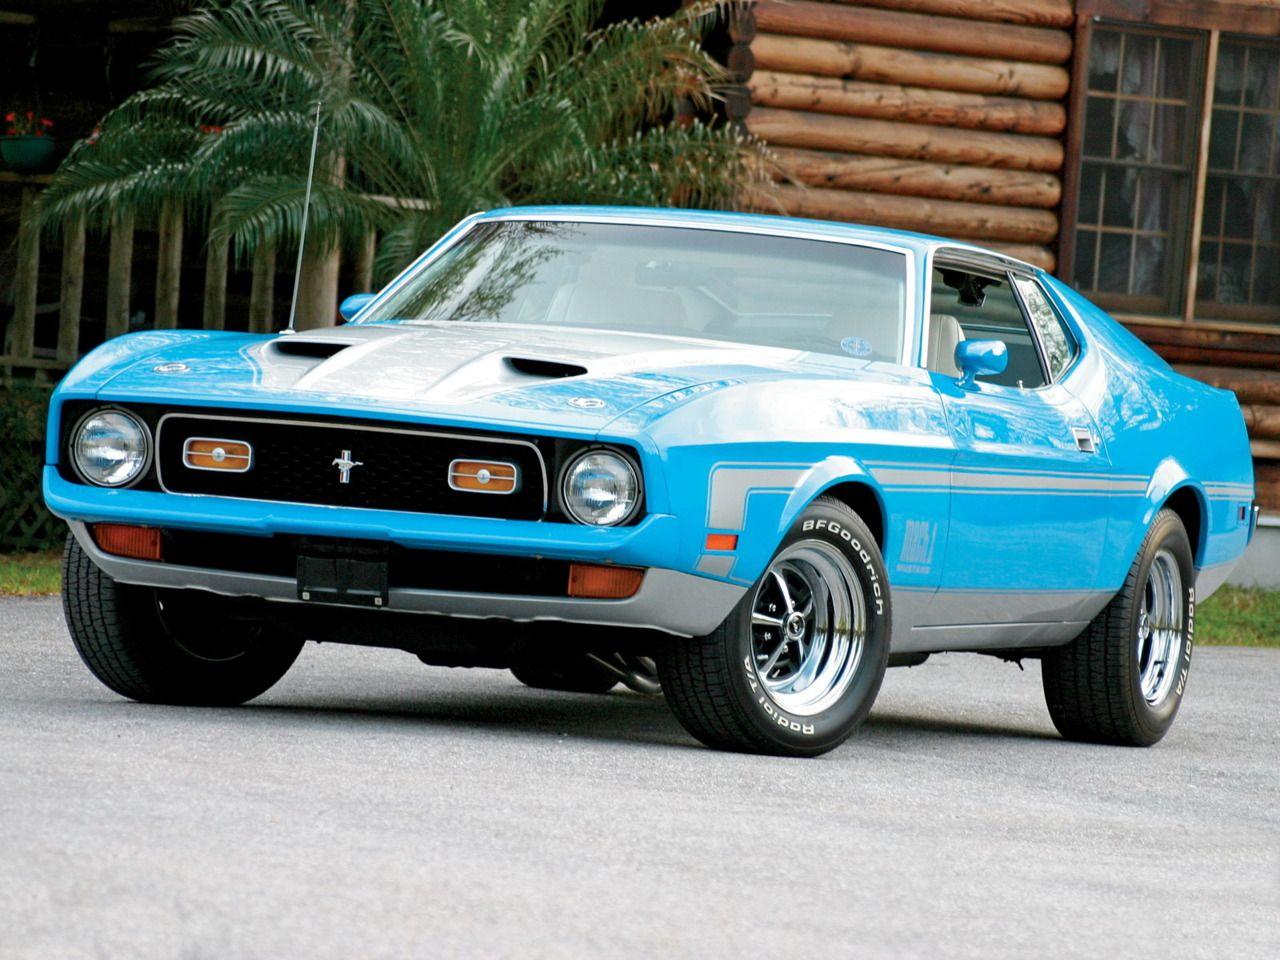 1971 Ford Mustang Mach 1 1971 Ford Mustang Ford Mustang Mustang Mach 1